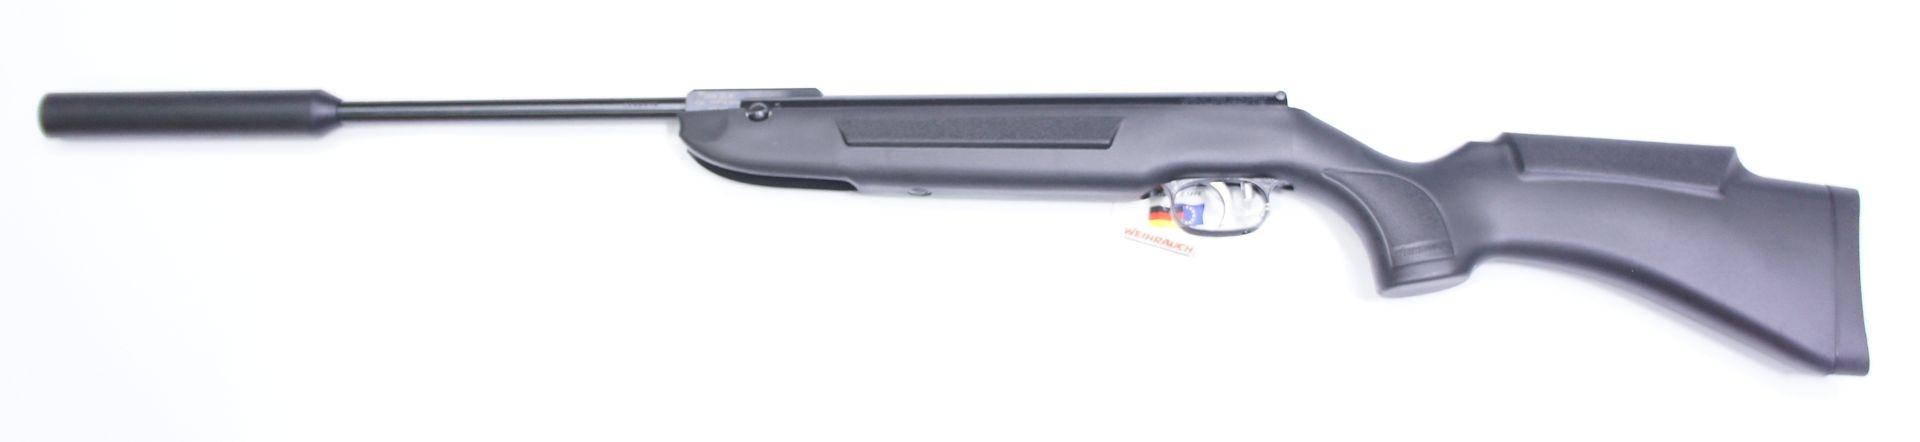 Luftgewehr Weihrauch HW 30 K (S) mit Schalldämpfer im Synthetikschaft mit Sonderschmierstoff Notex (Eigenentwicklung)